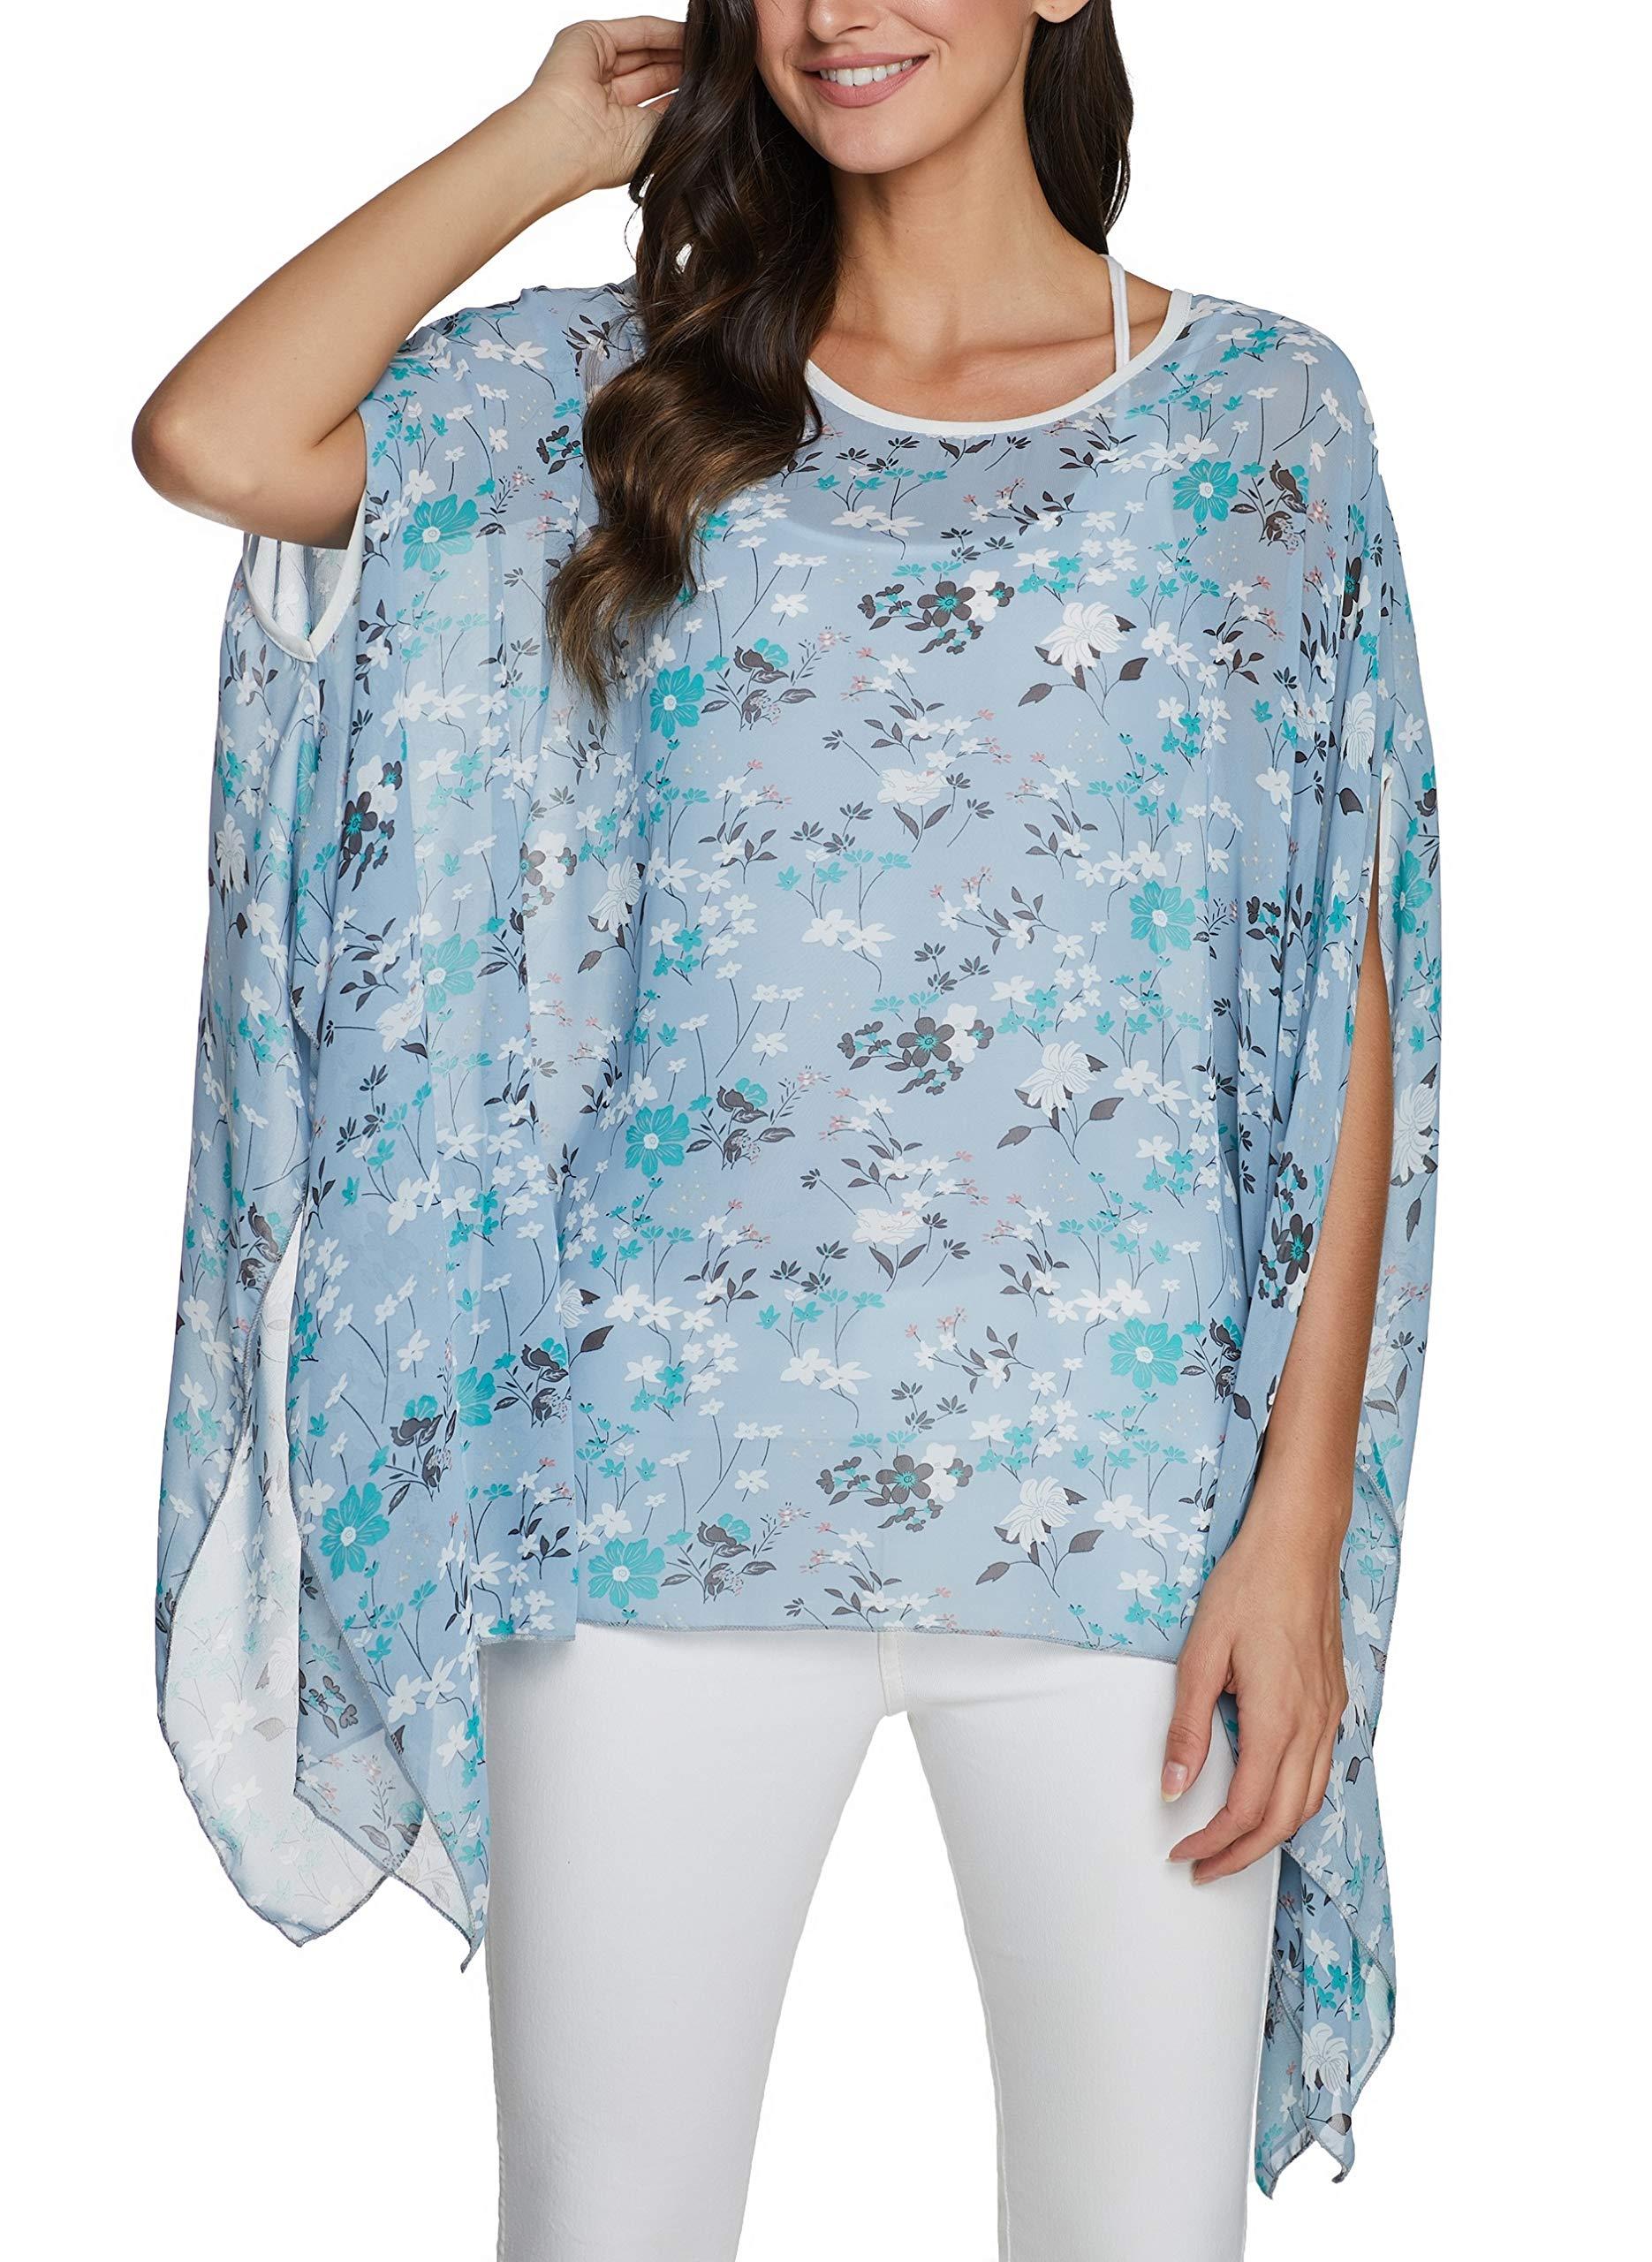 iNewbetter Women's Chiffon Caftan Poncho Tunic Top Cover up Shirt Scarf Top